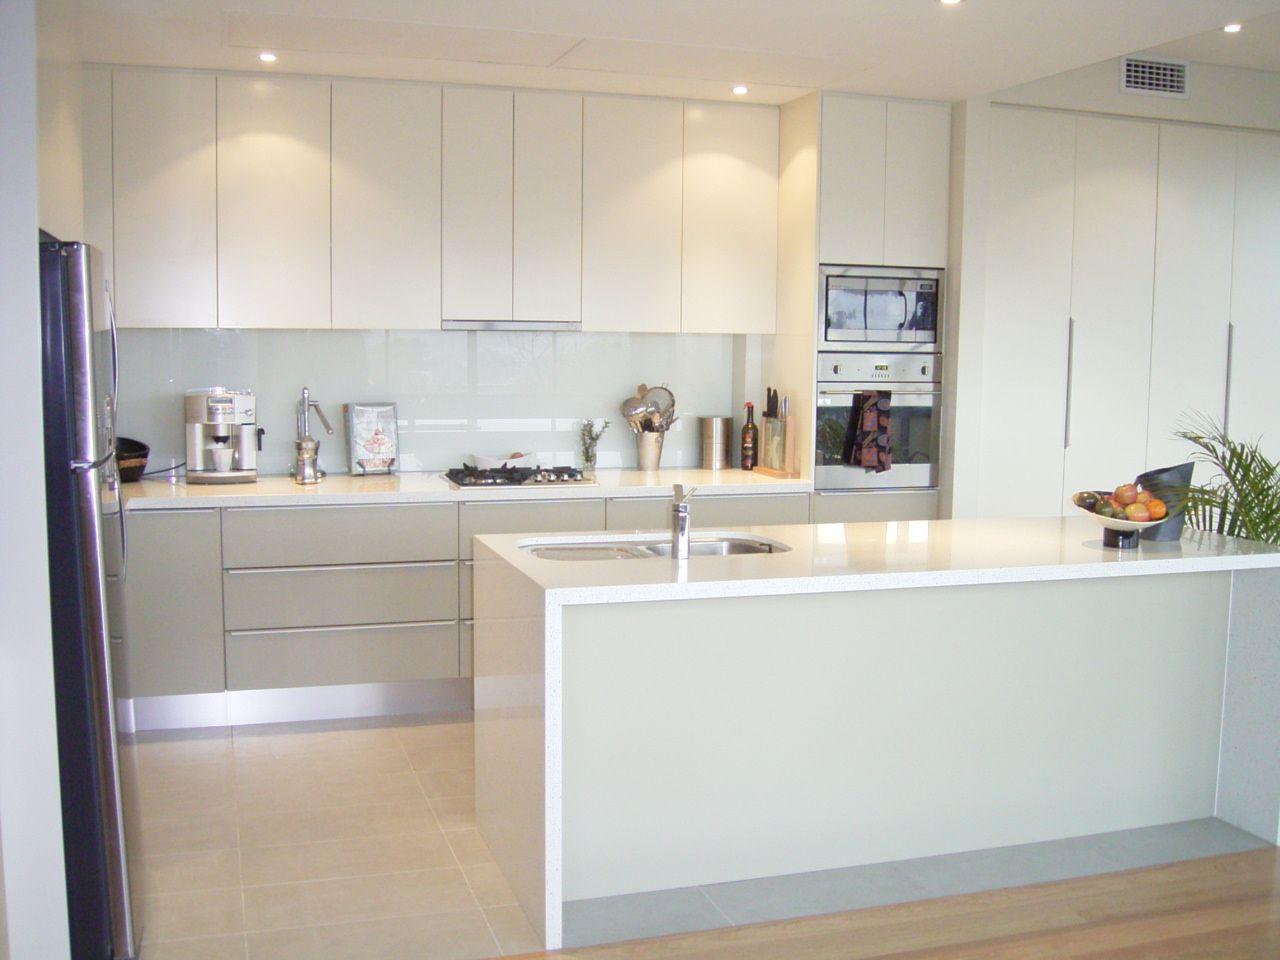 Flat Pack Kitchen Cabinets Best Kitchen Gallery   Rachelxblog white ...